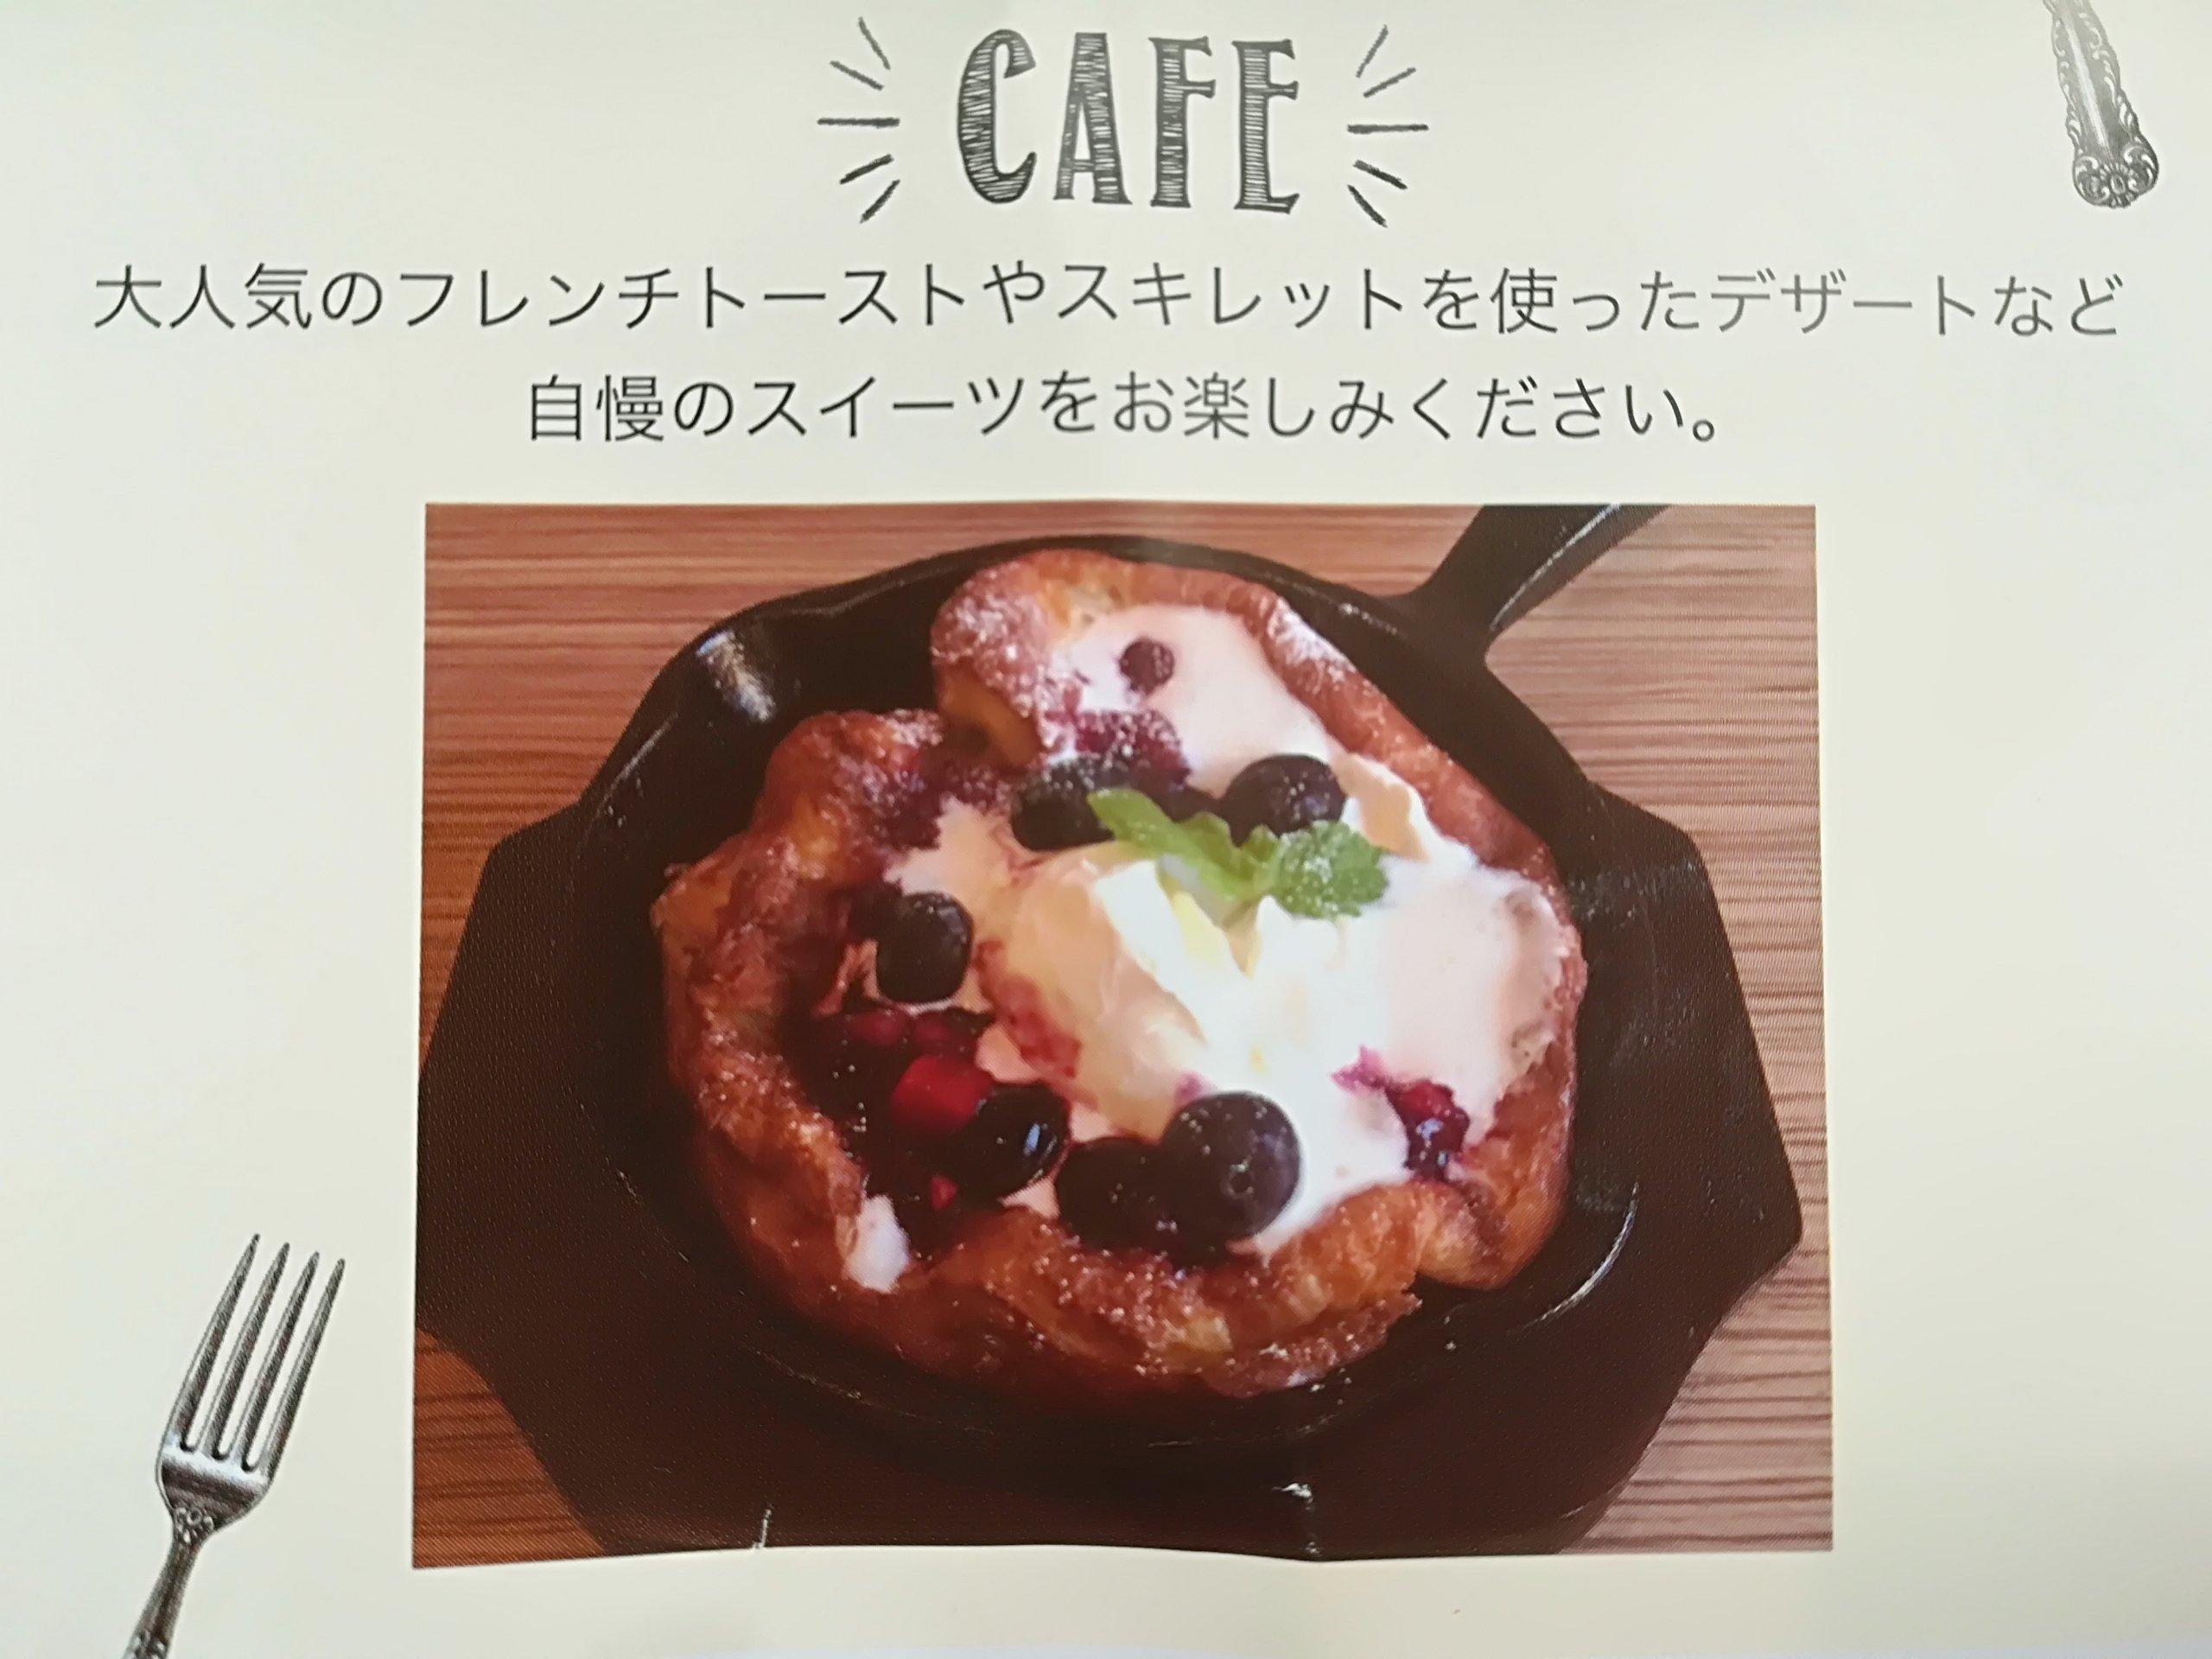 長町 PUBLIC.coffee&bar カフェタイムメニュー